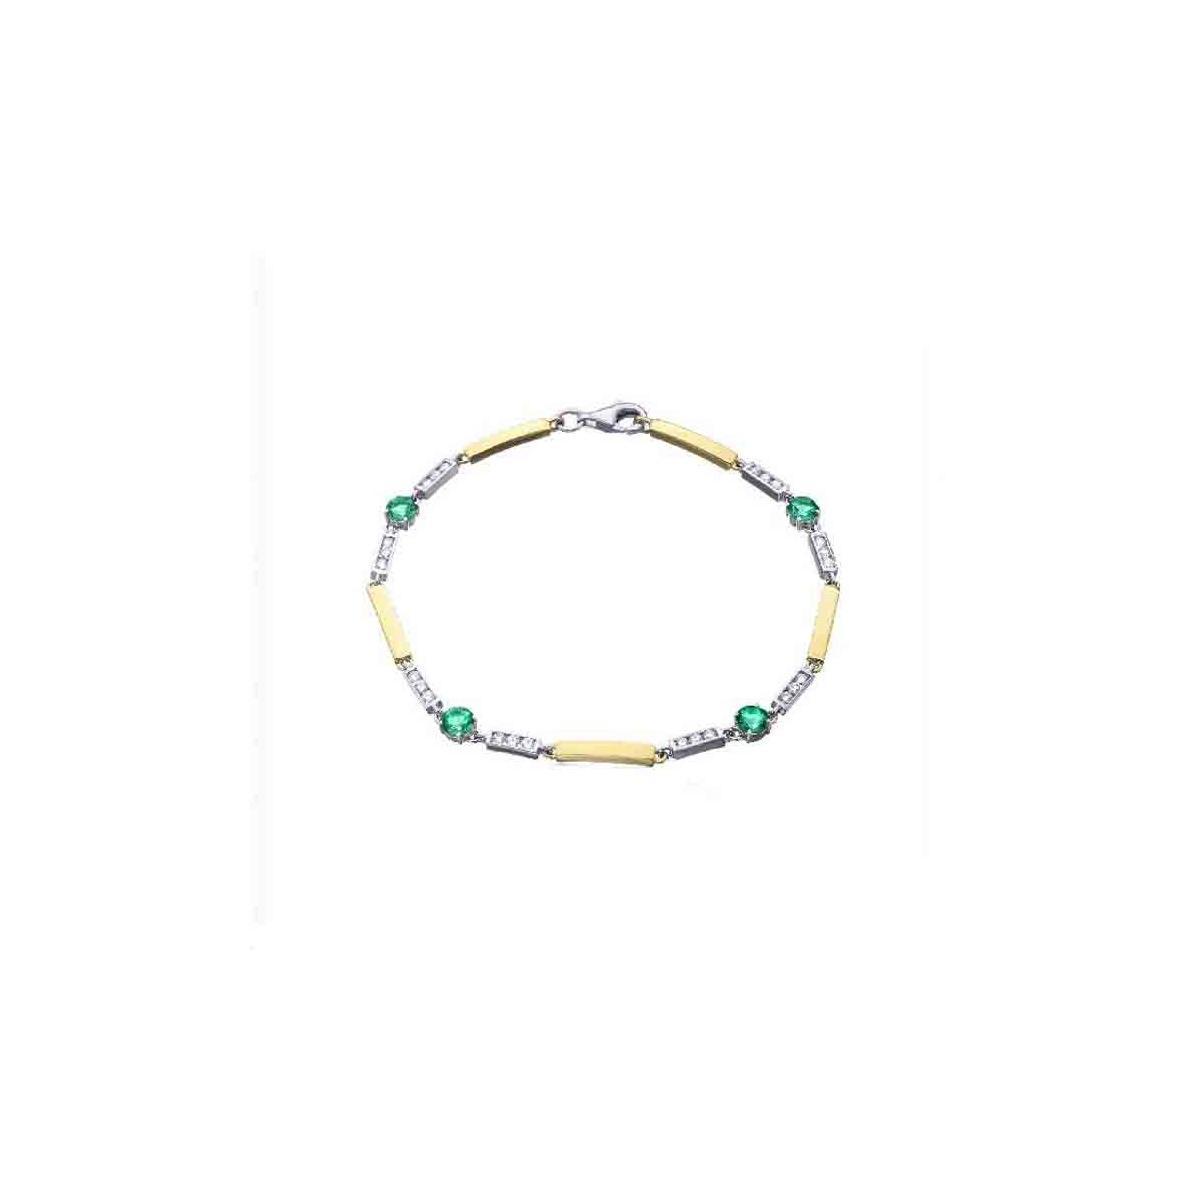 Pulsera oro blanco y amarillo con Diamantes y Esmeraldas - 4 mm - 0,49 quilates